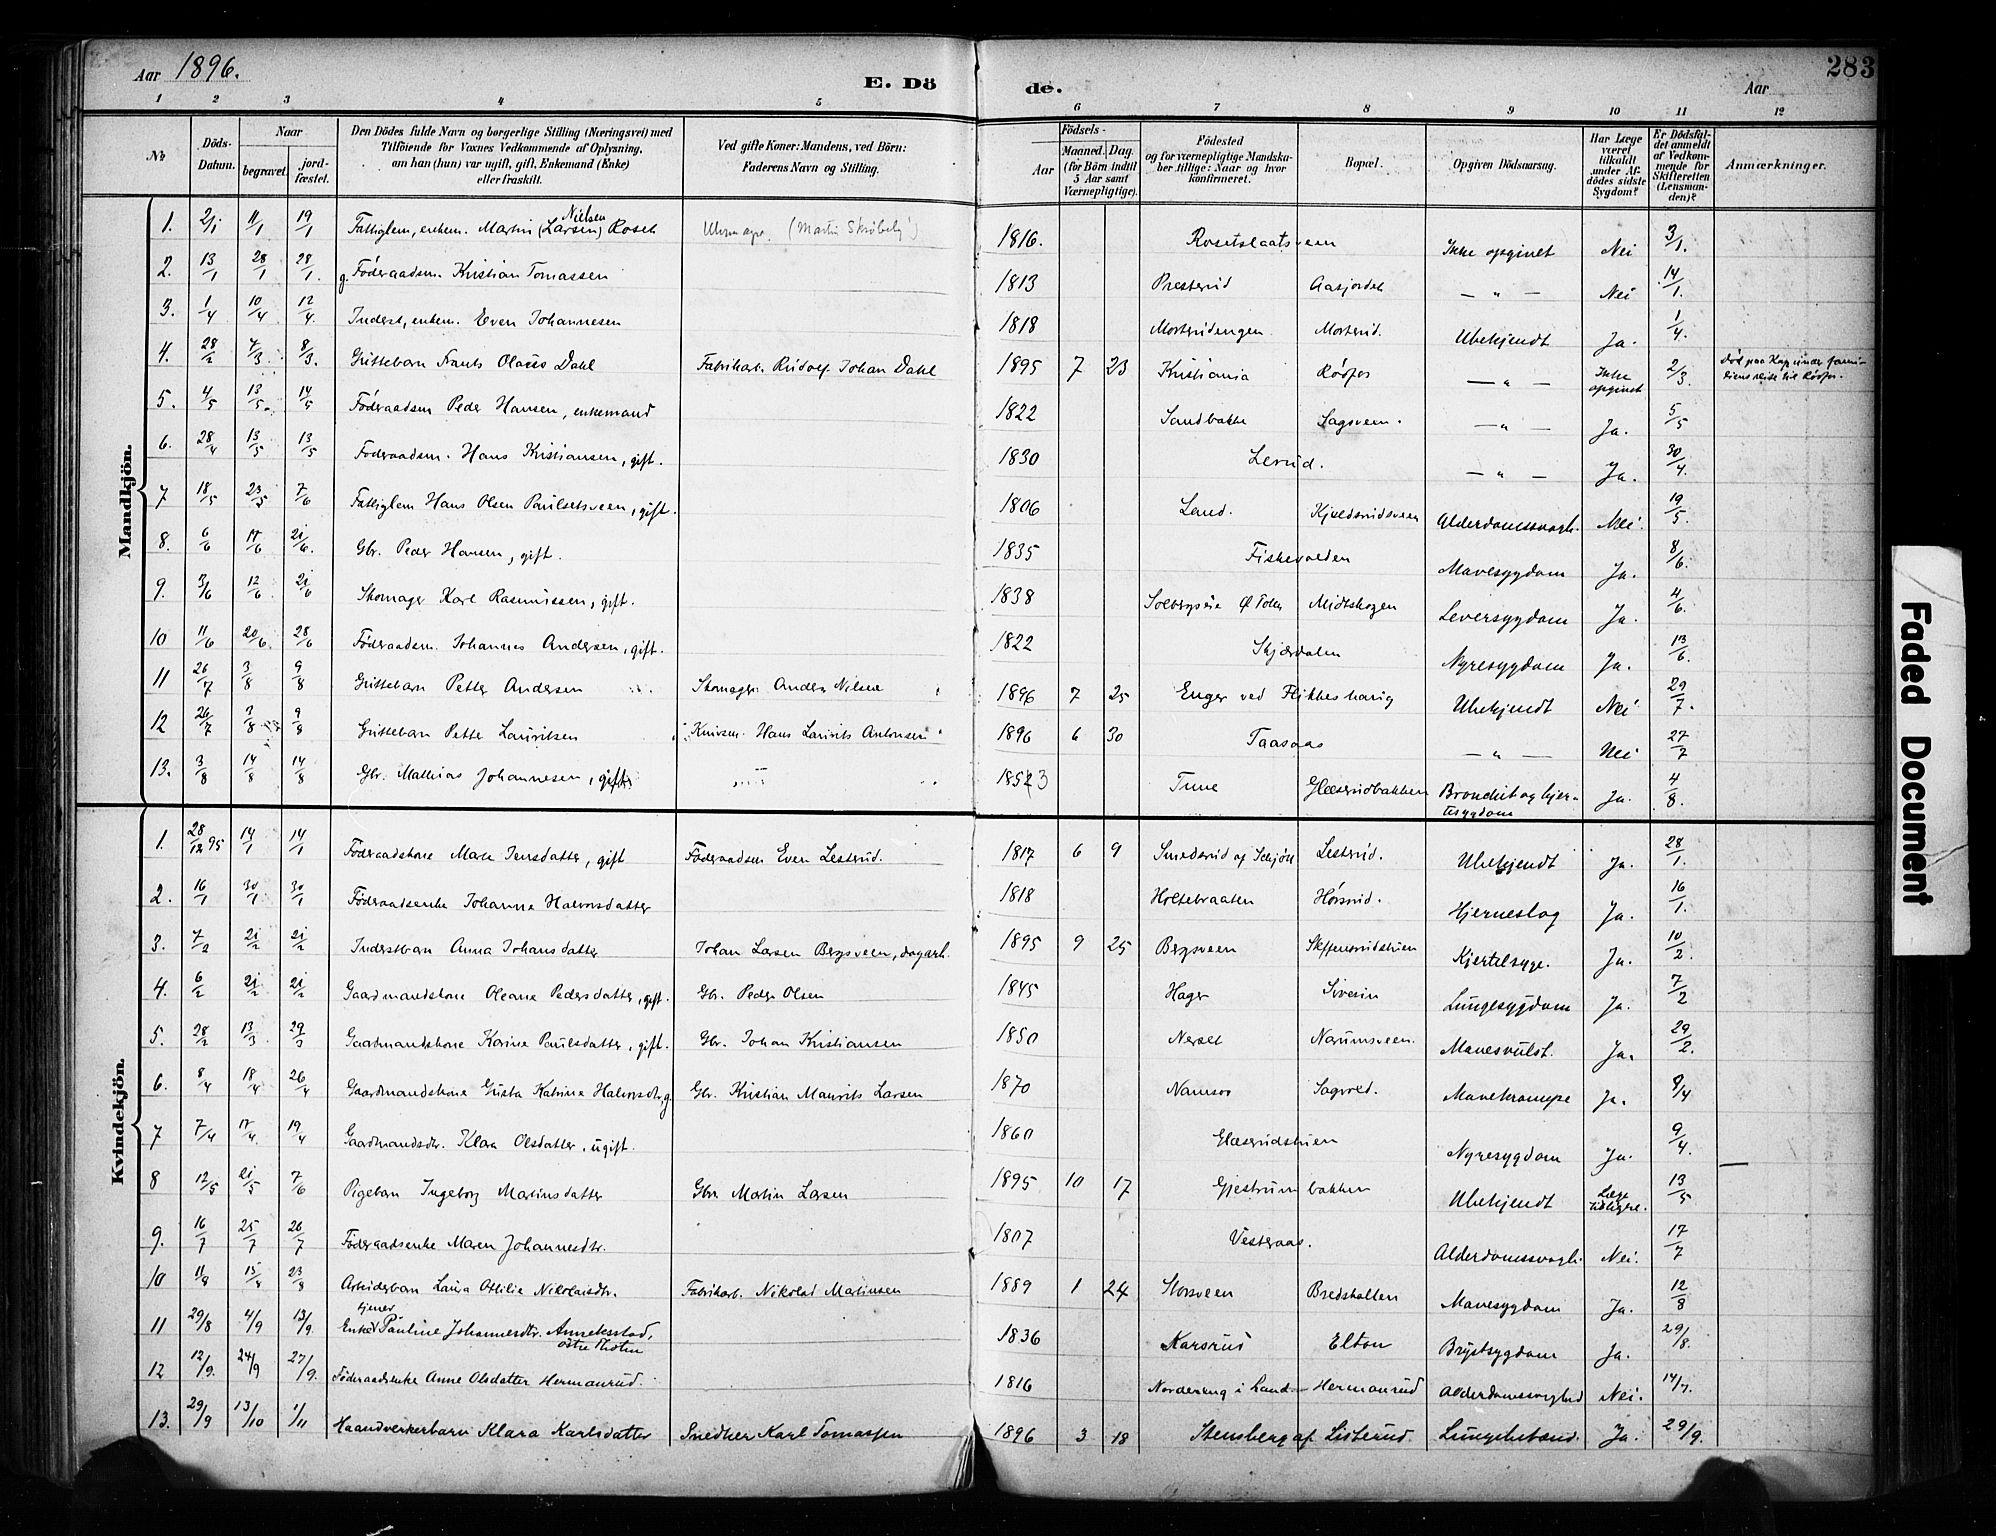 SAH, Vestre Toten prestekontor, Ministerialbok nr. 11, 1895-1906, s. 283